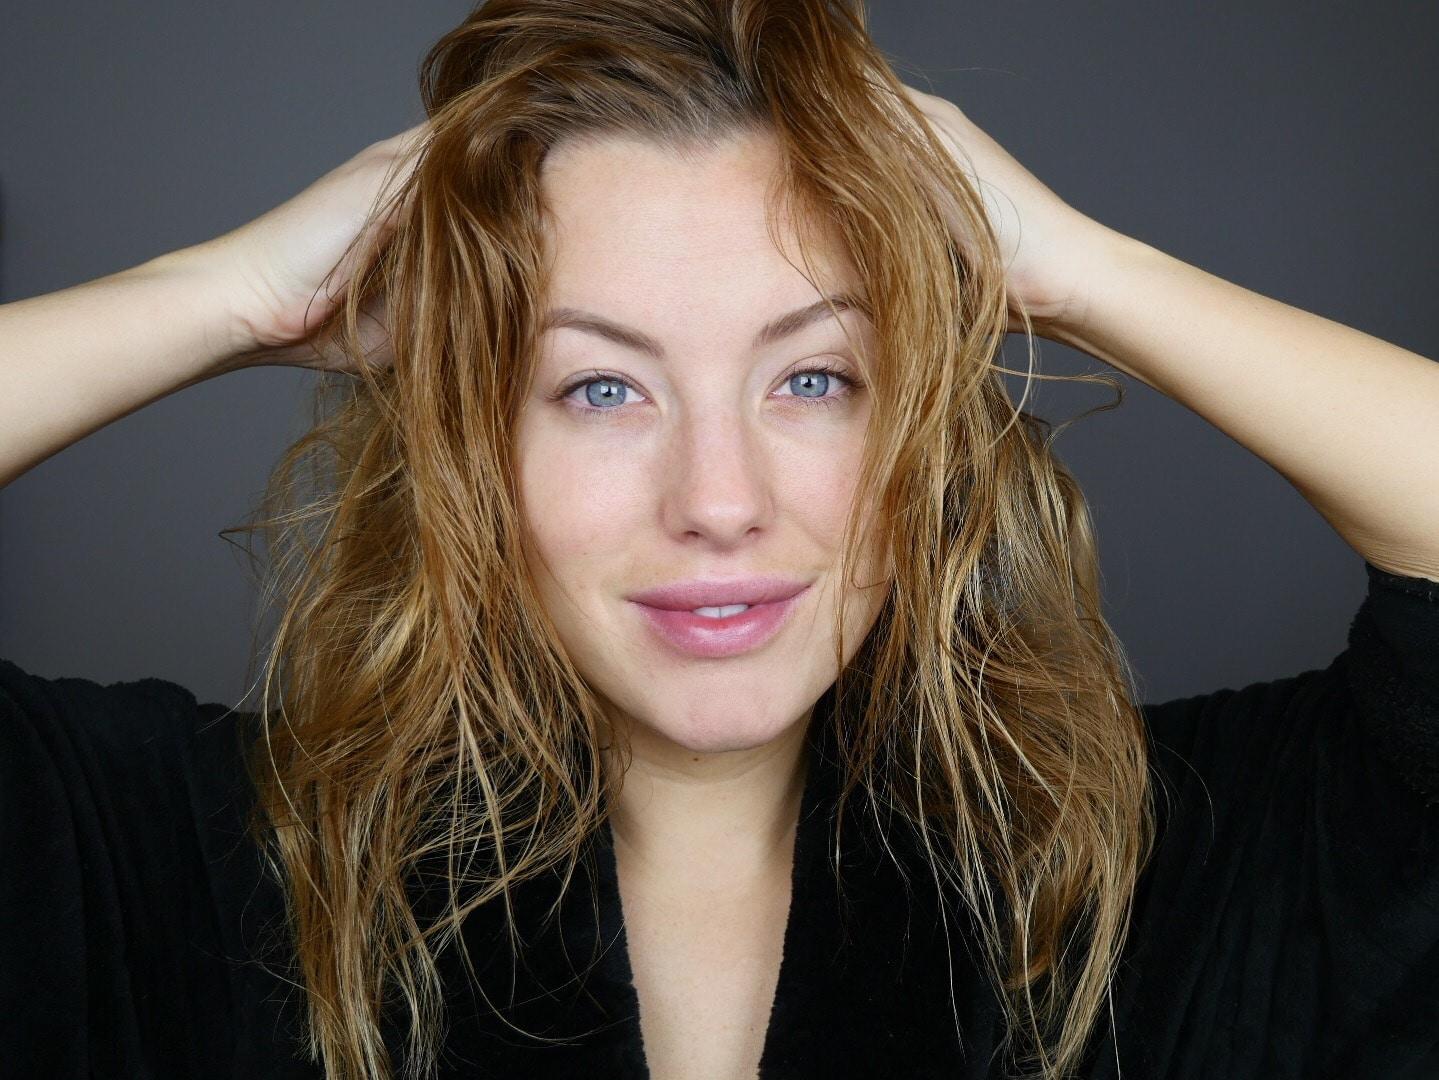 Massera in oljan i hela håret, och även hårbottnen